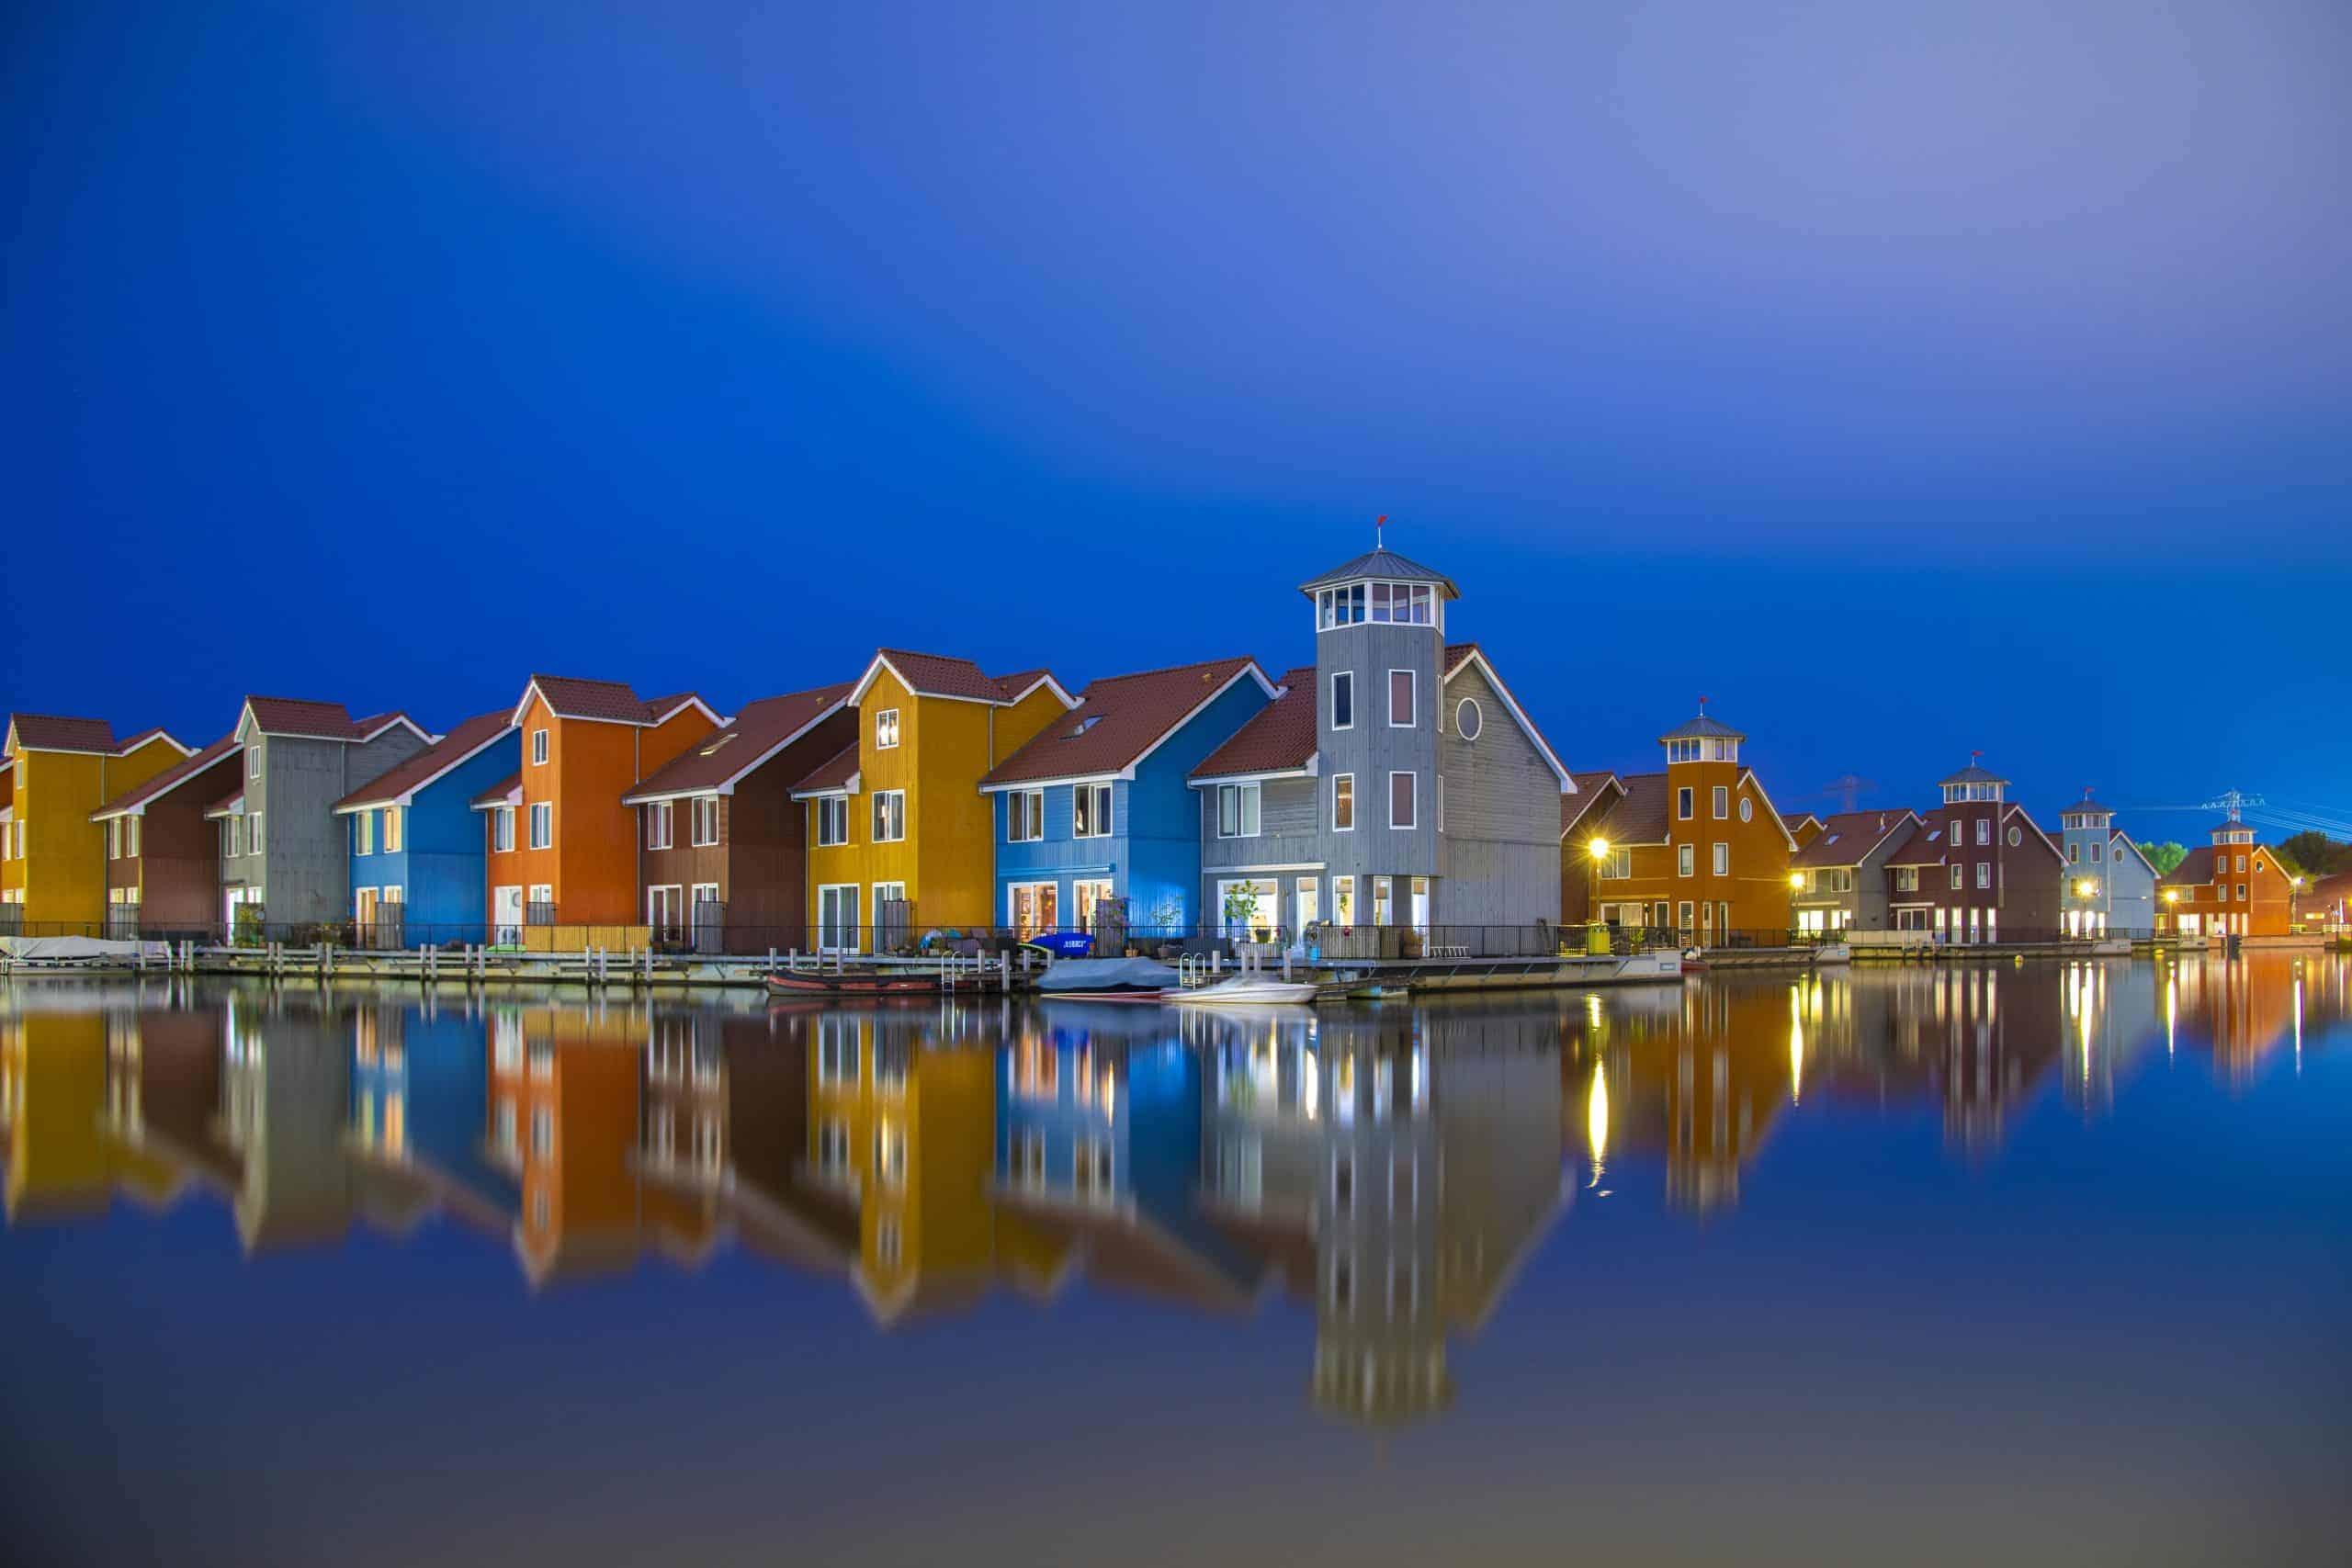 Fotografiecursus Reitdiephaven Groningen in het blauwe kwartiertje.